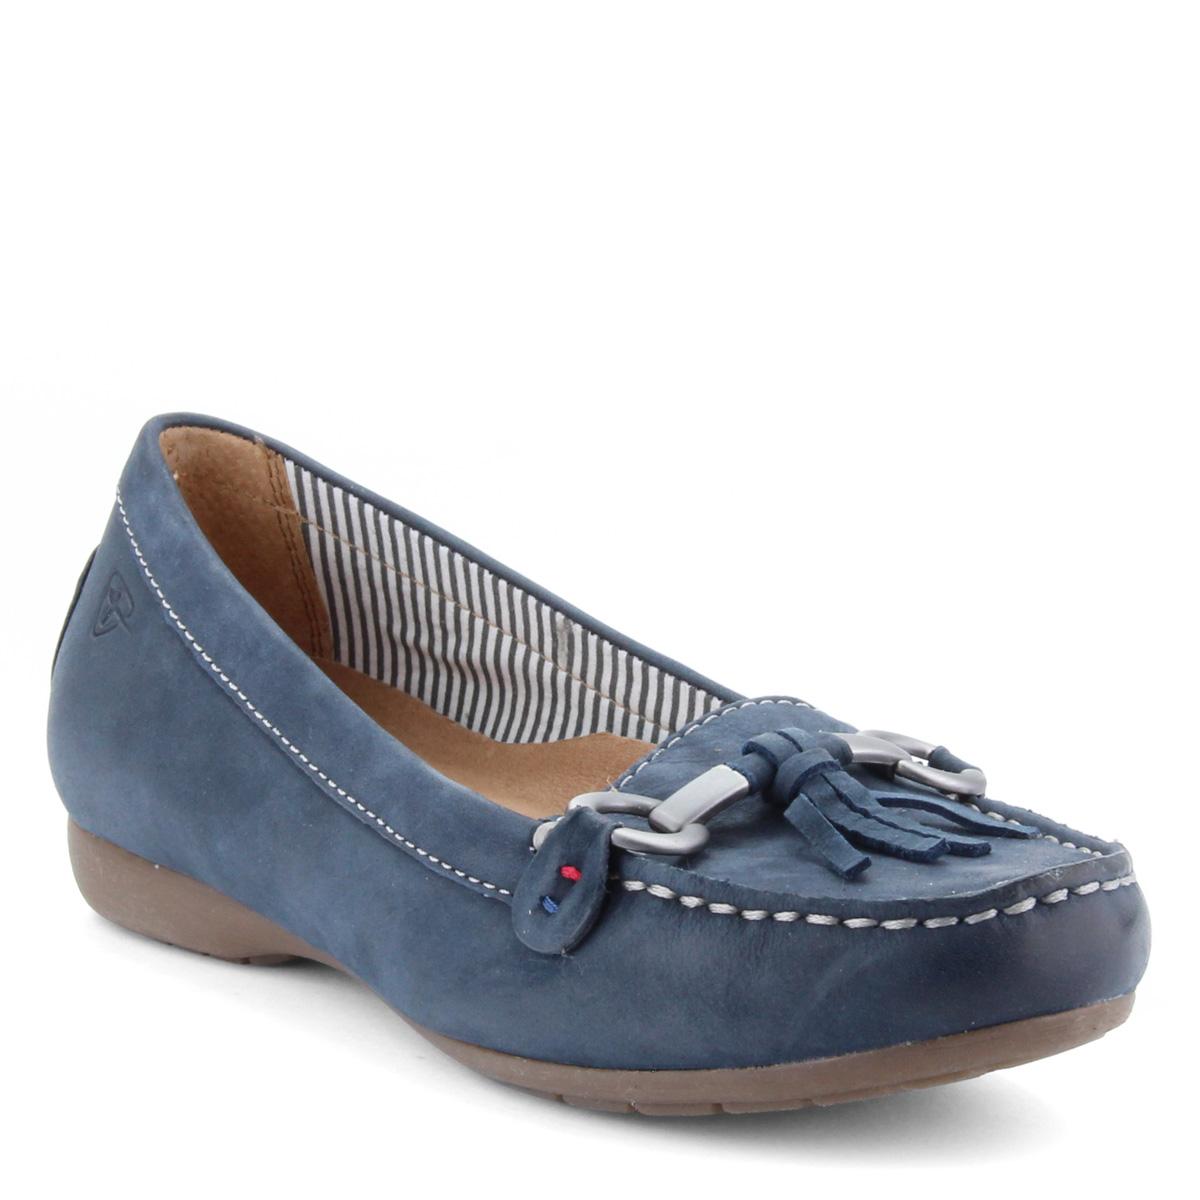 Kék Tamaris bőr mokaszín. Könnyű nyári cipő memóriahabos talpbetéttel 9dd287f808